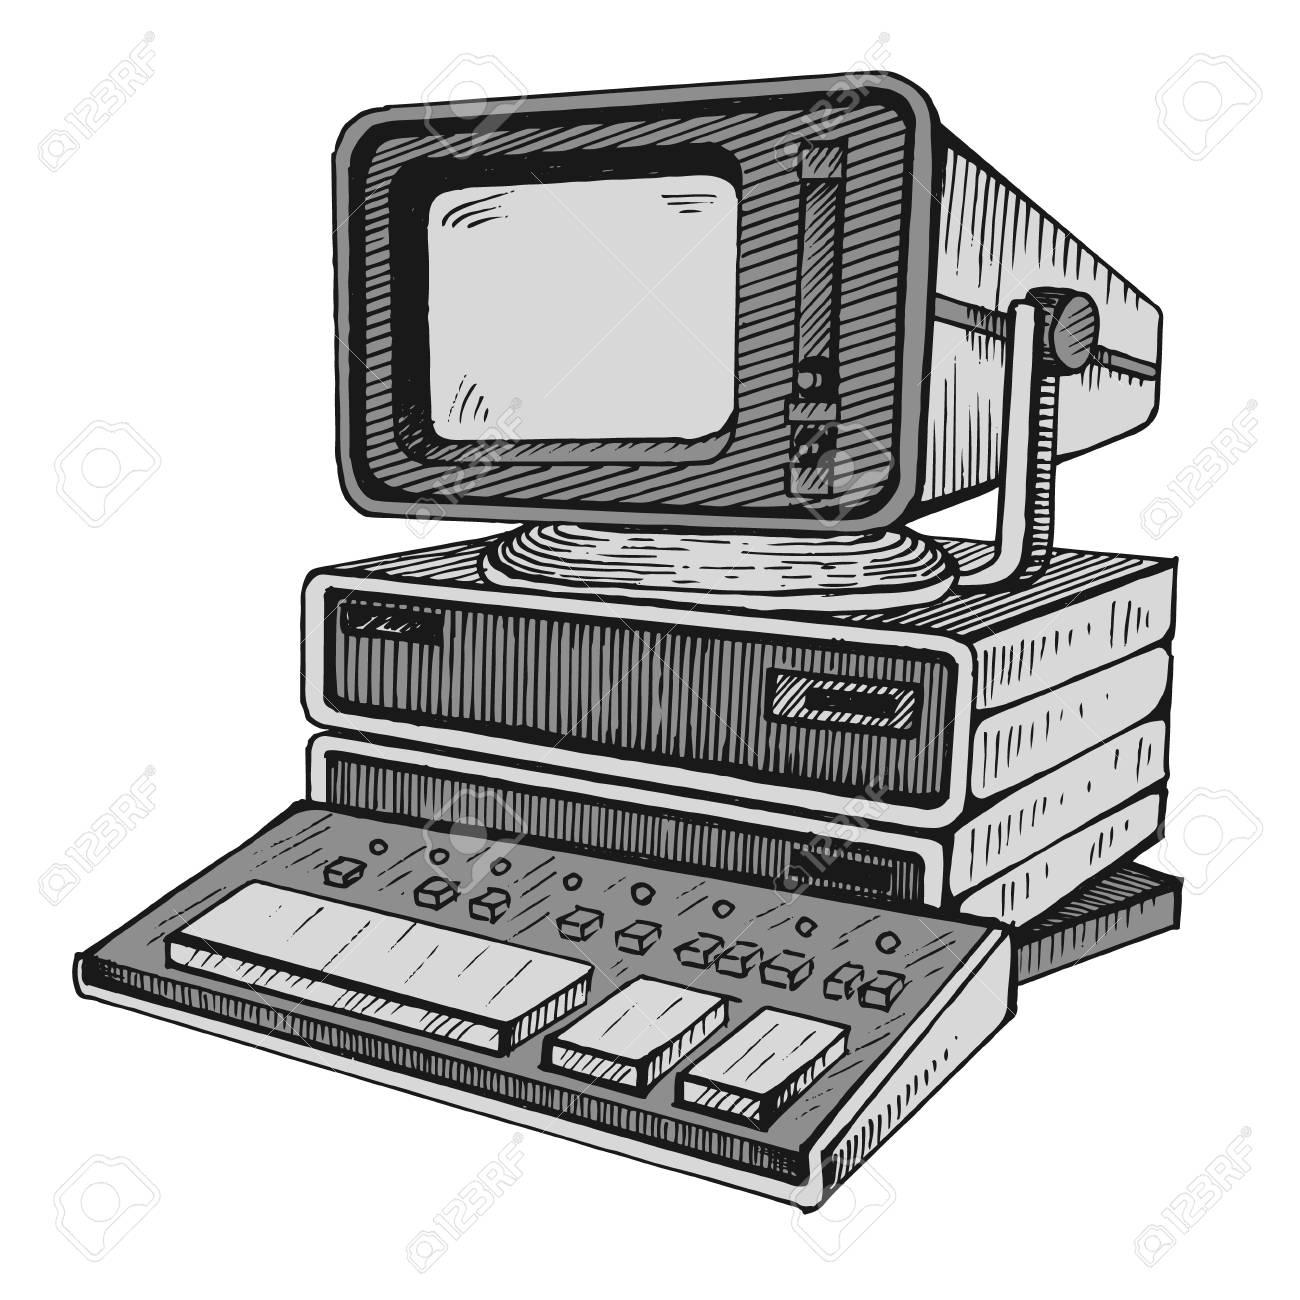 Ancien Ordinateur L Une Des Toutes Premieres Illustrations Clip Art Libres De Droits Vecteurs Et Illustration Image 95796691